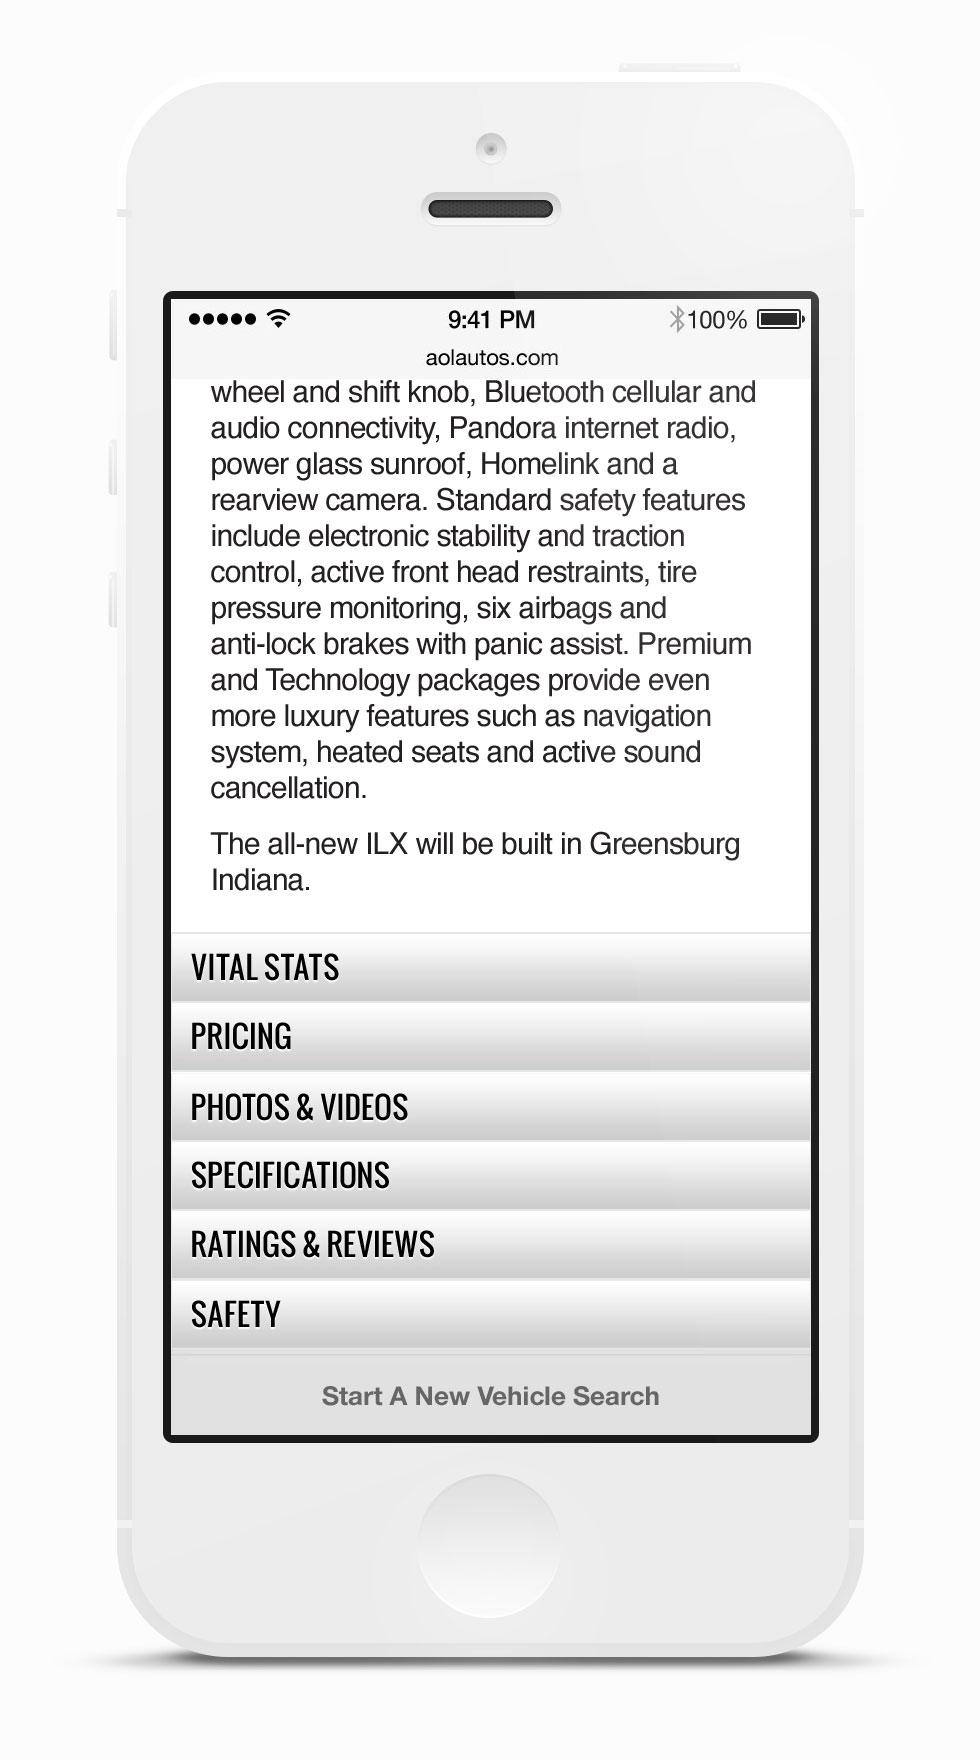 AOLAutos_Details Context iOS 02.jpg